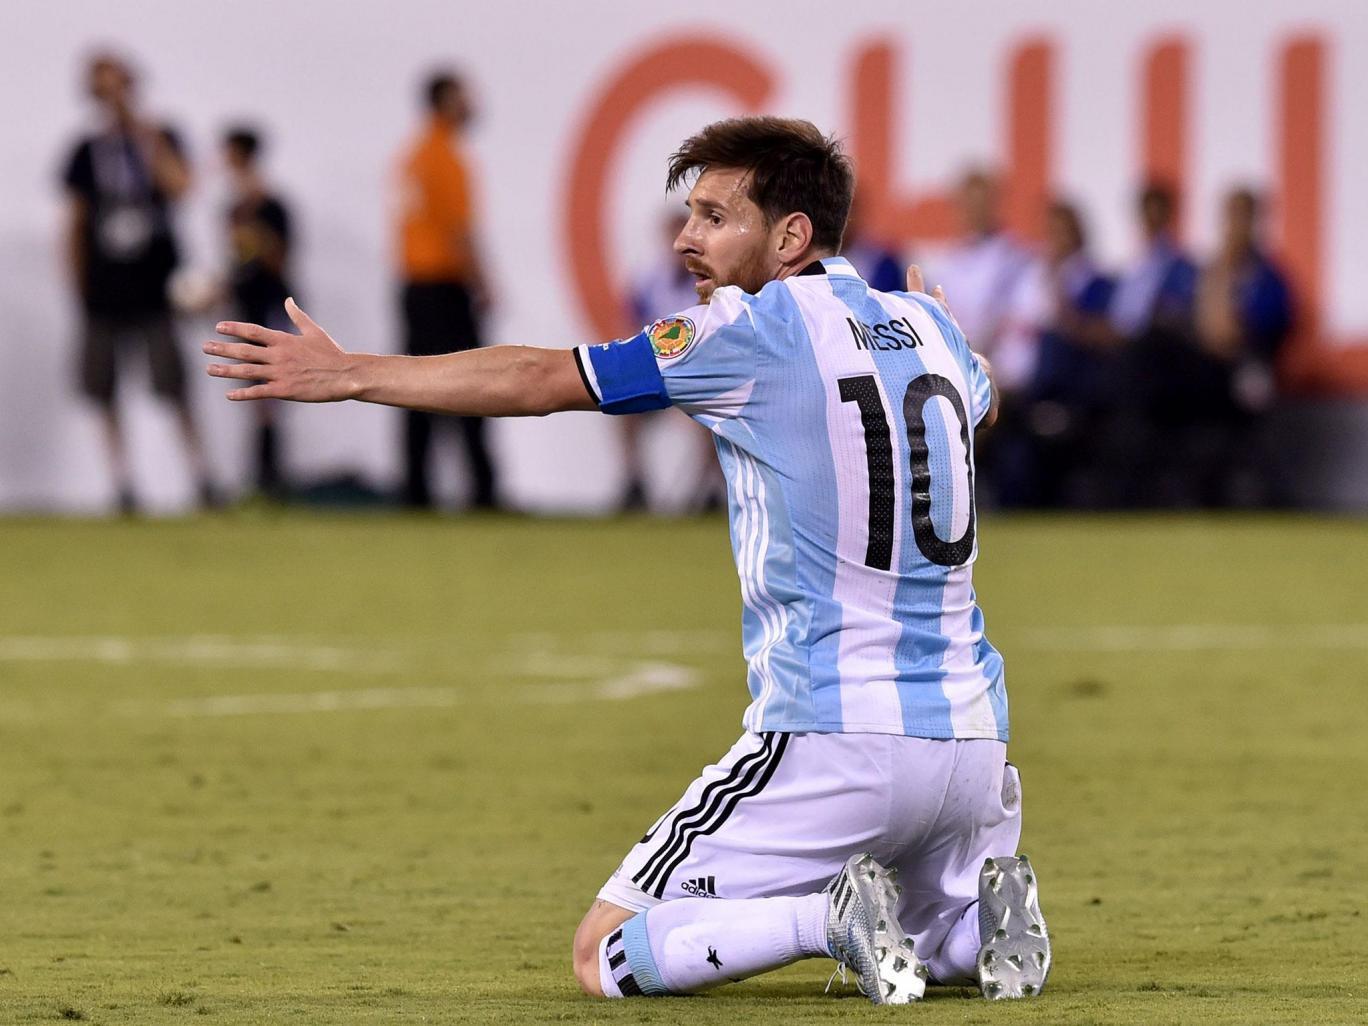 توهین مسی به داور ؛ توهین زشت فوق ستاره بارسا به داور ؛ پارس فوتبال